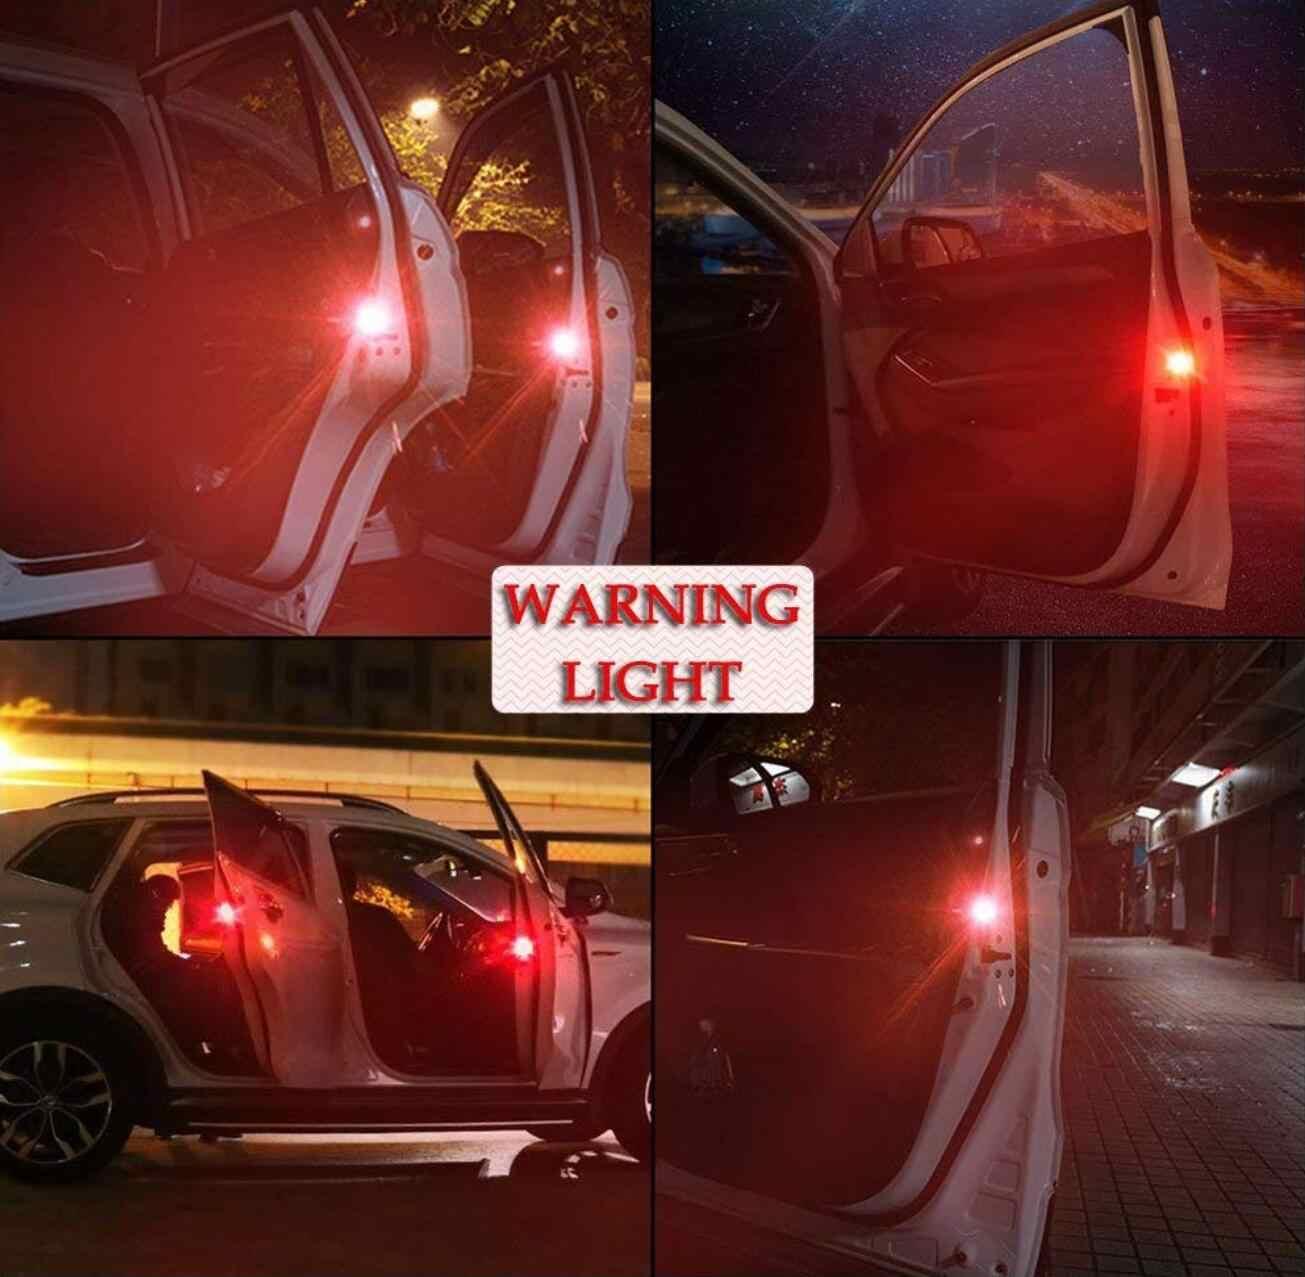 فتح باب السيارة أضواء التحذير اللاسلكية لفورد فوكس 2 3 Chevrolet كروز هيونداي سولاريس فيات 500 500C 500L